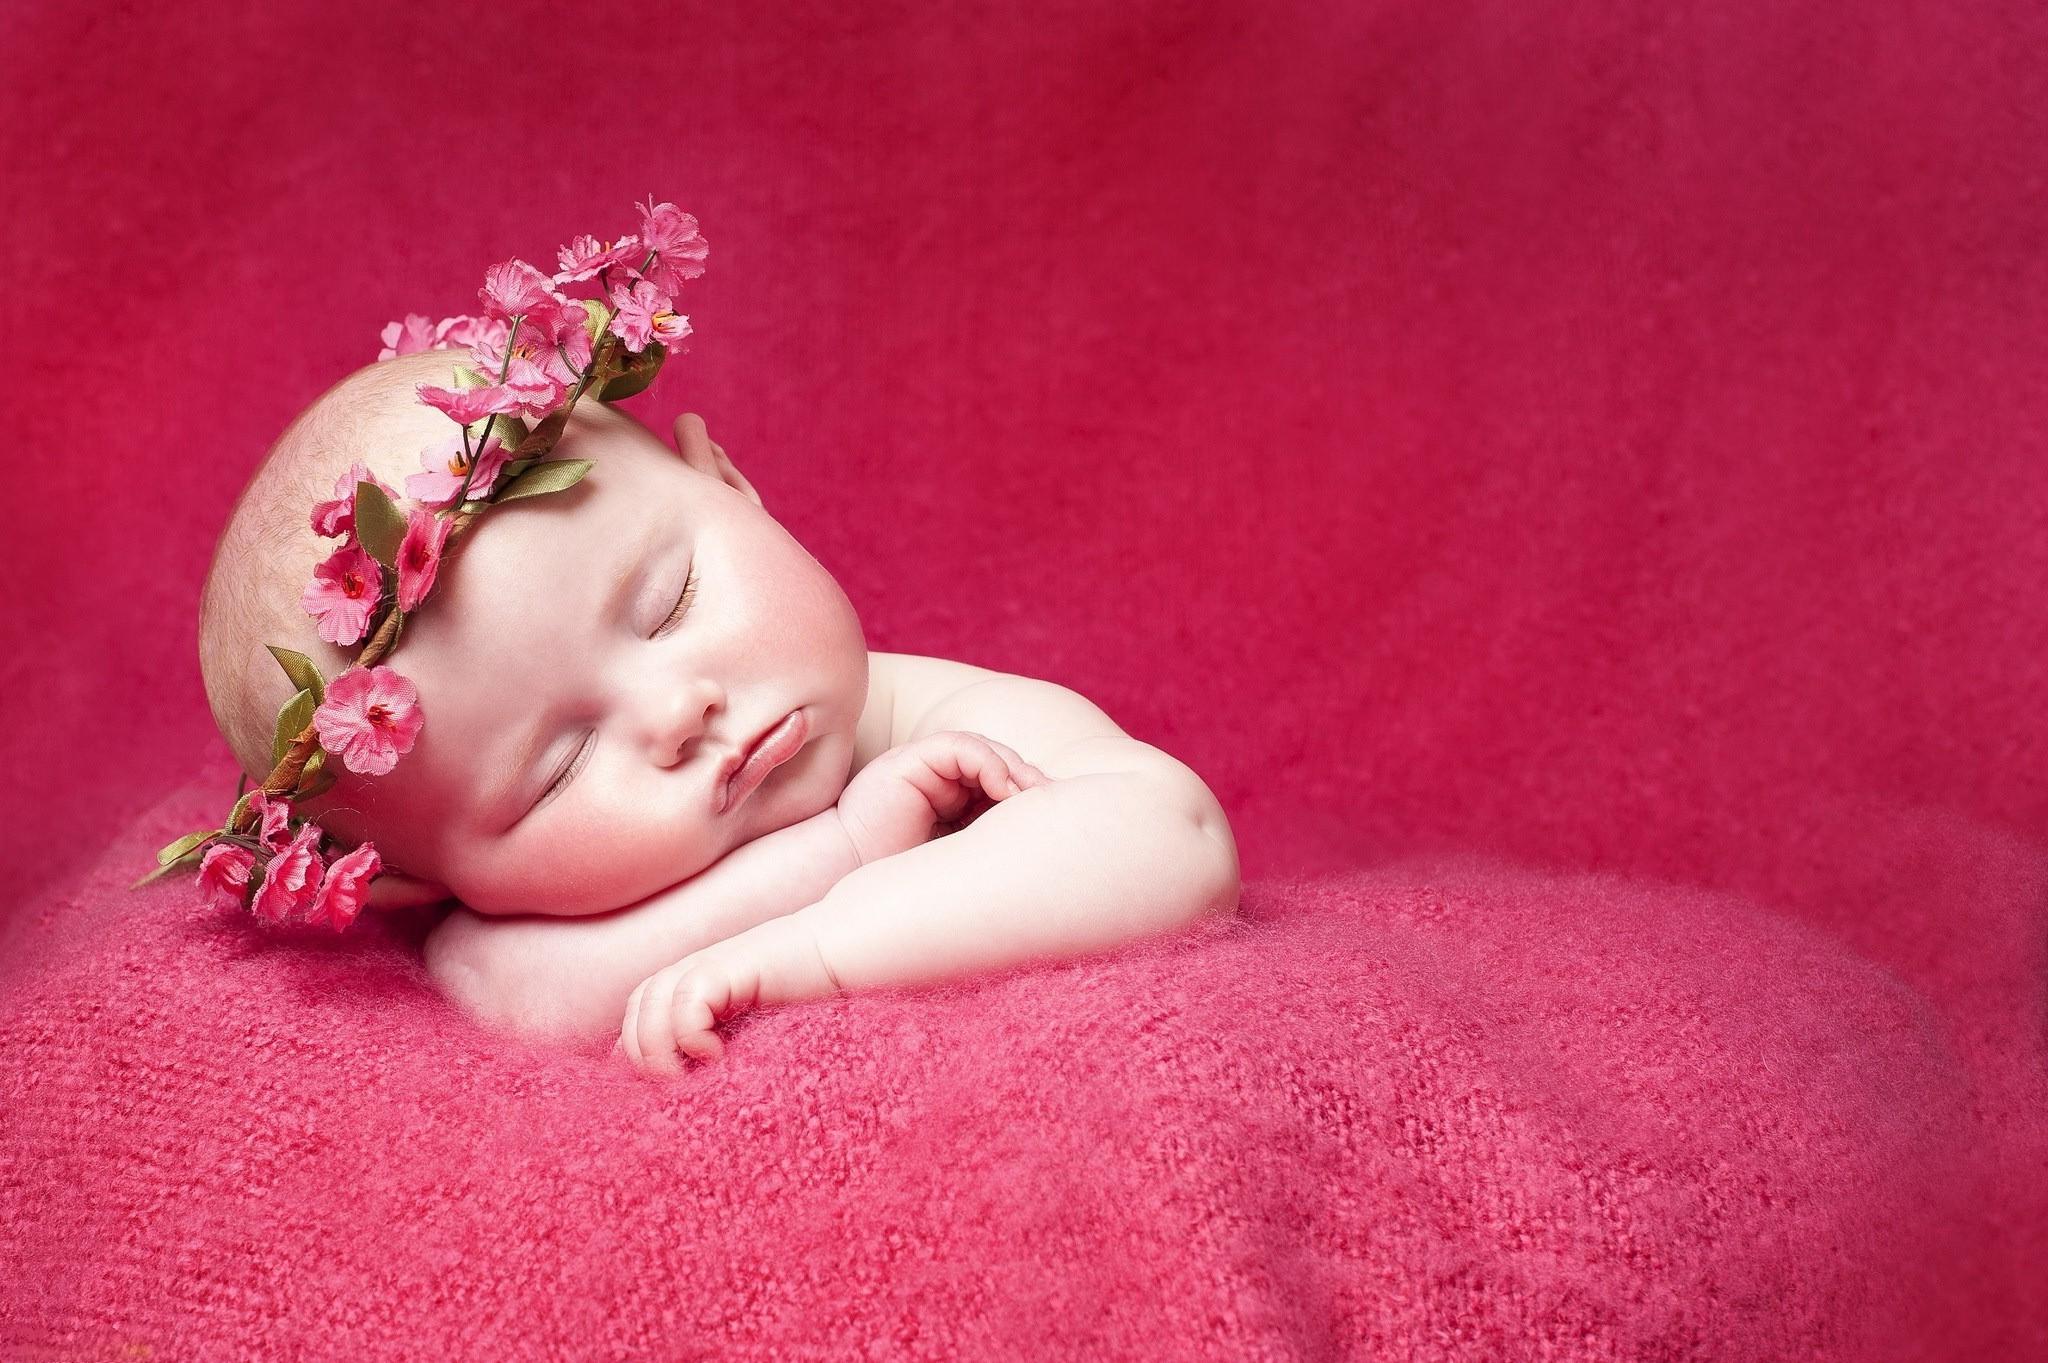 североамериканских заводах фото картинки розовые сны авторитет